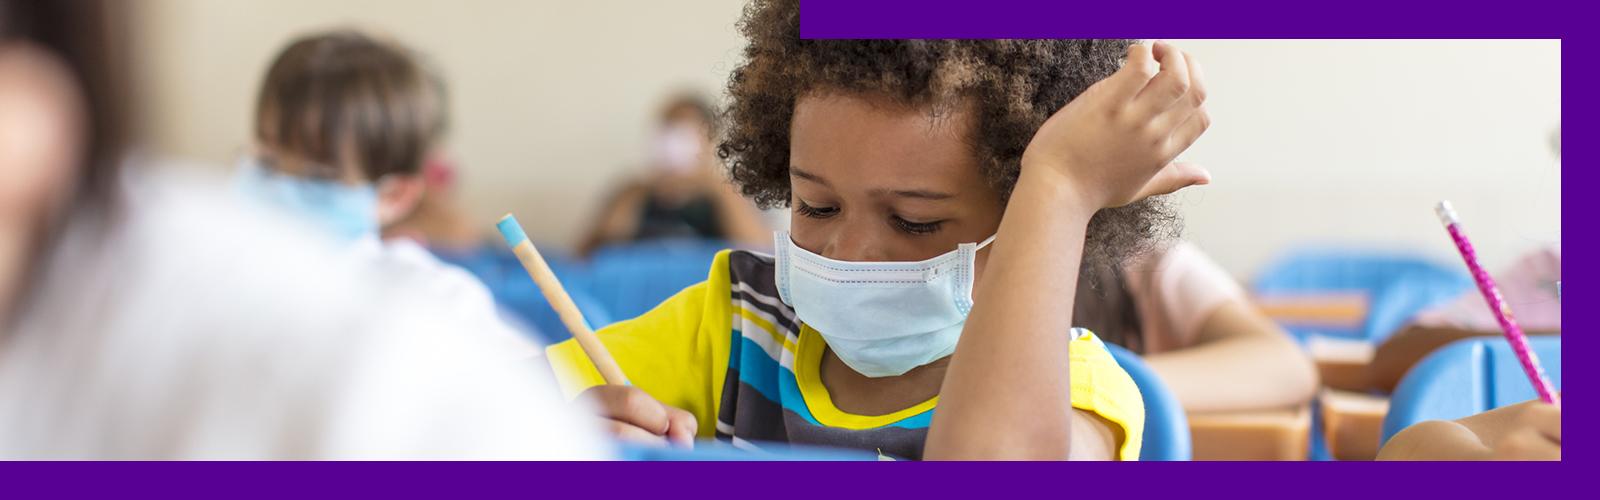 Imagem mostra uma criança sentada dentro da sala de aula de máscara, escrevendo.